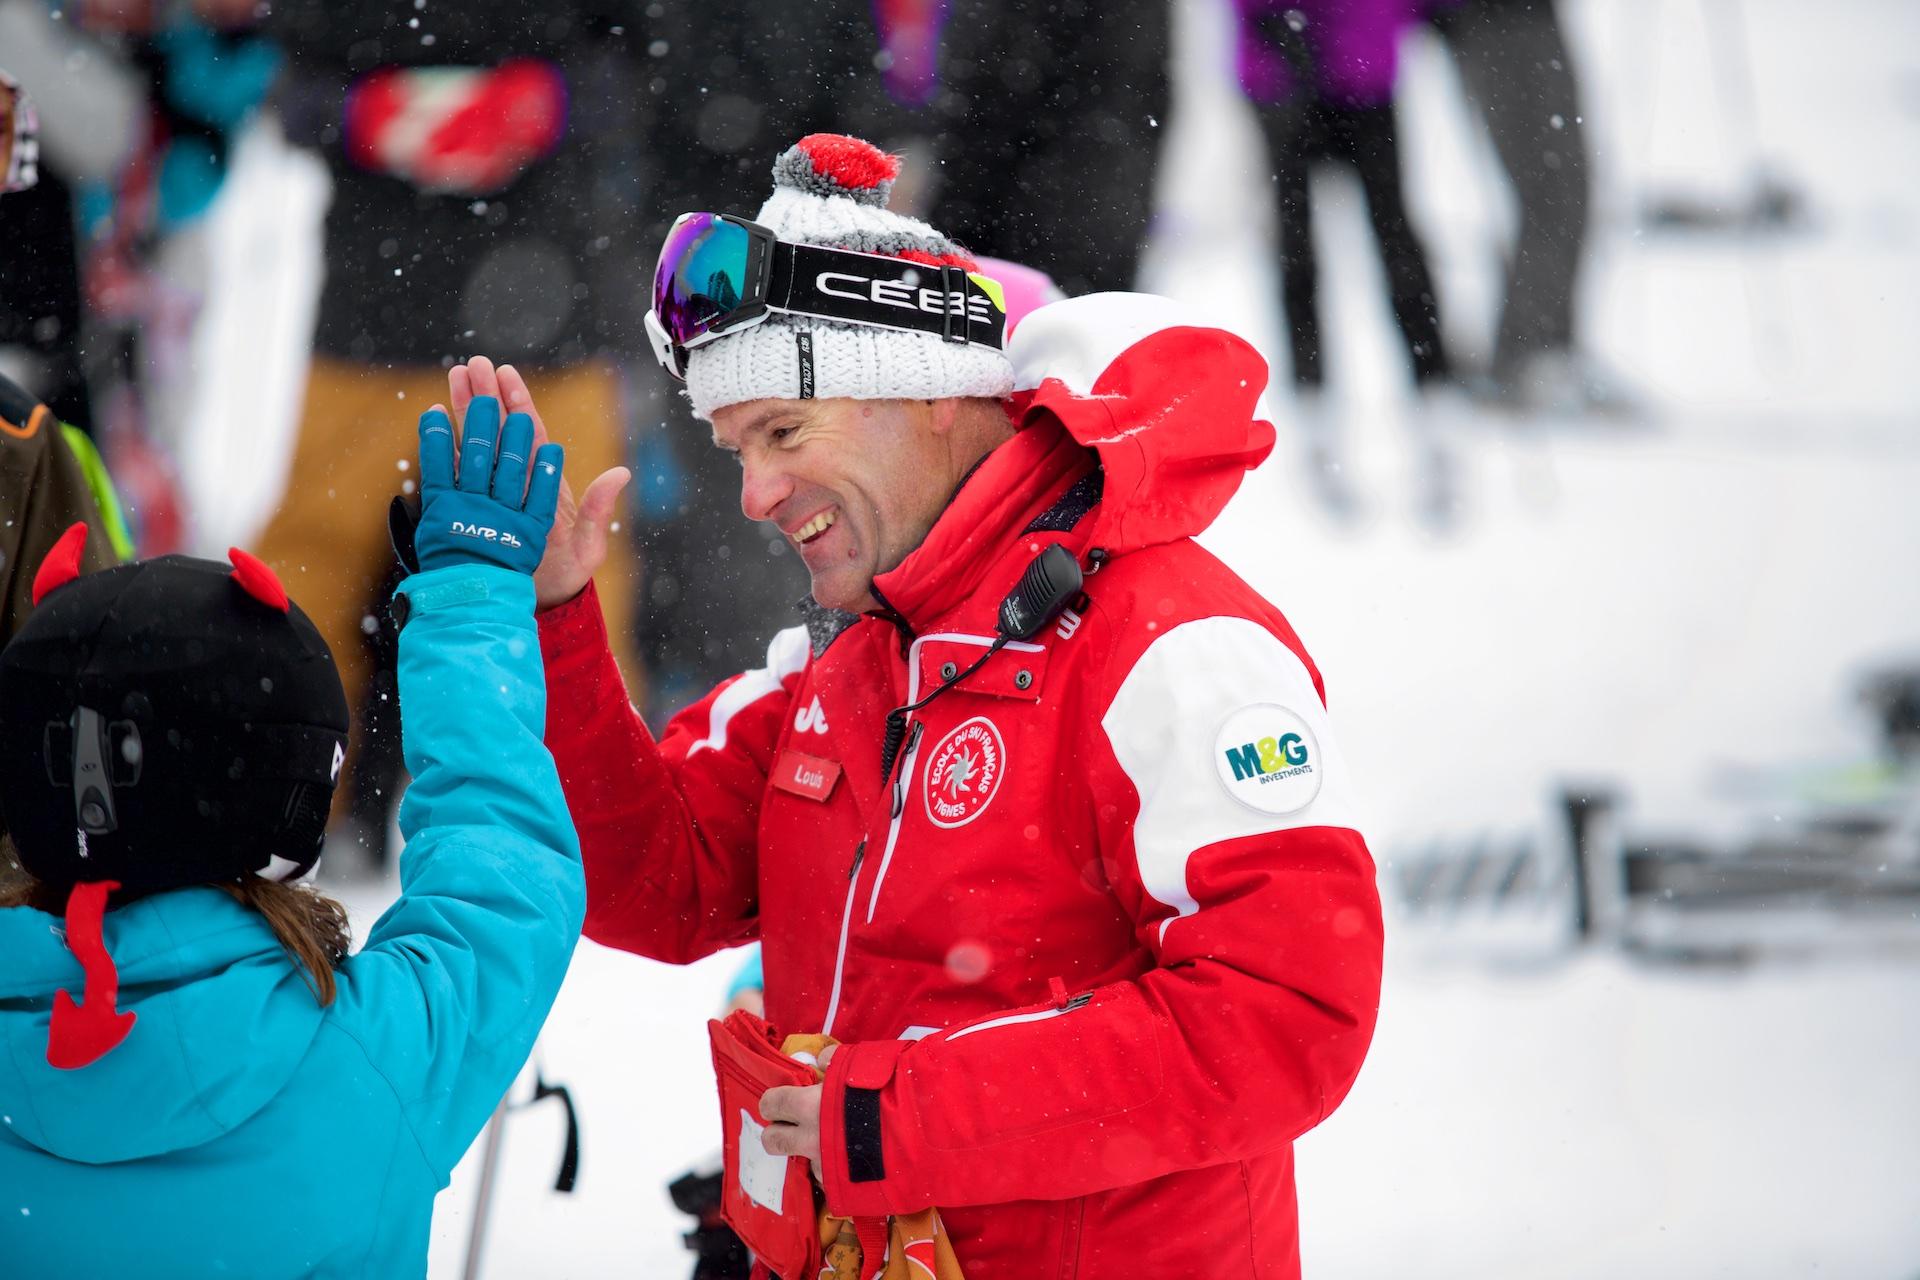 M&G Ski Instructor Badge Tignes